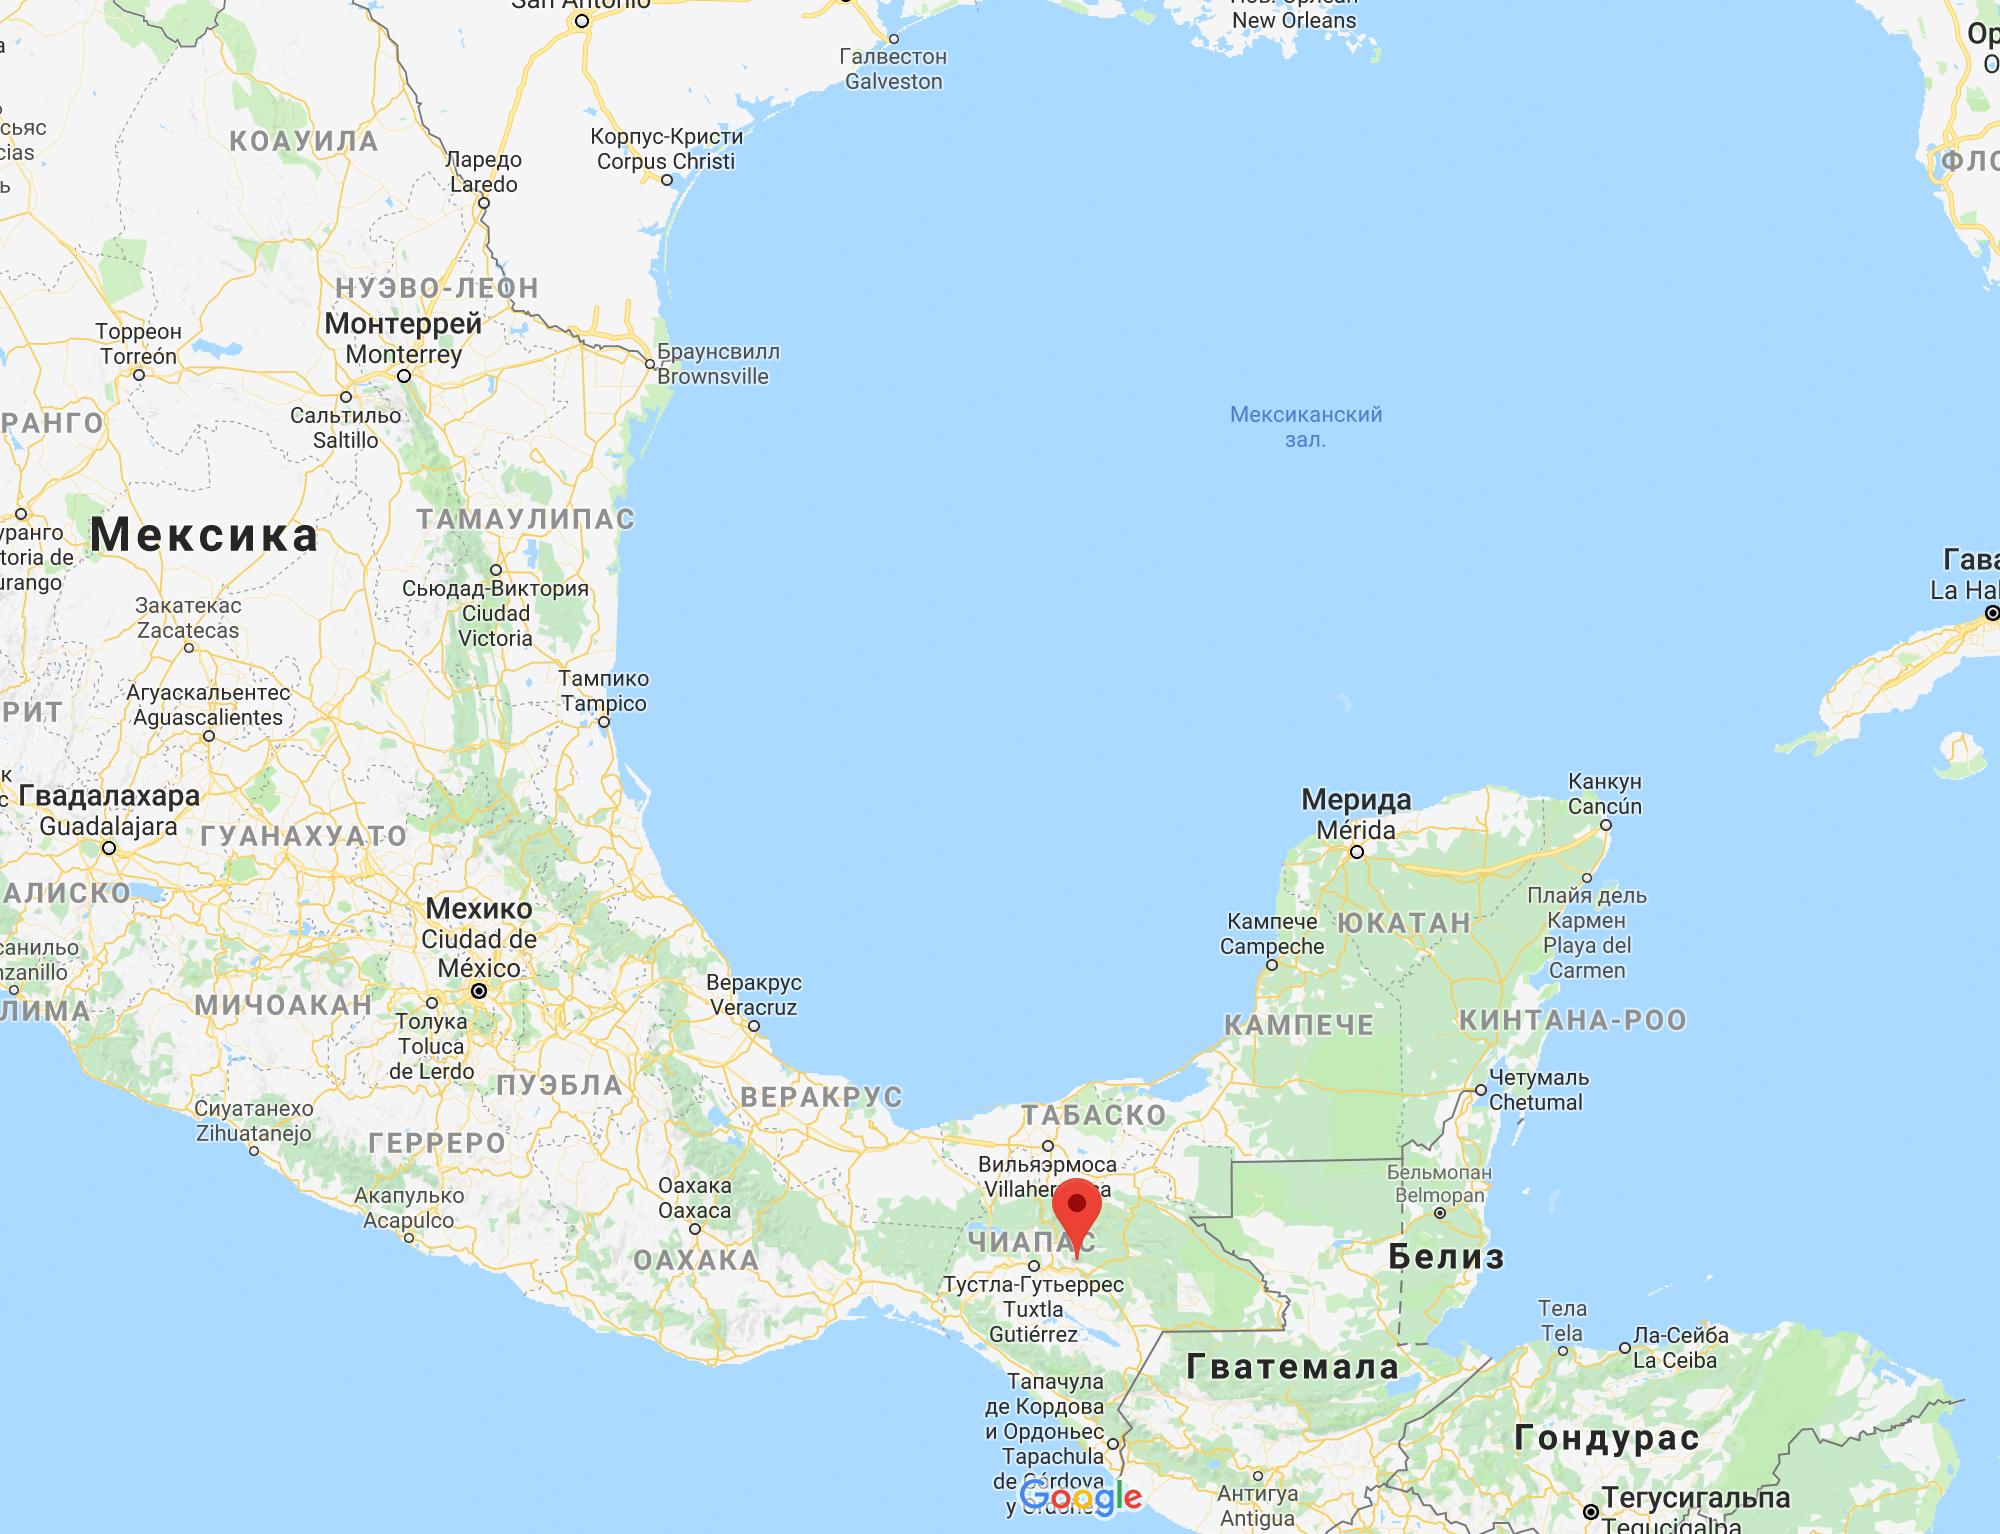 Сан-Кристобаль находится на юге Мексики. До океанов можно доехать на машине: до Атлантического за 6 часов, до Тихого — за 3